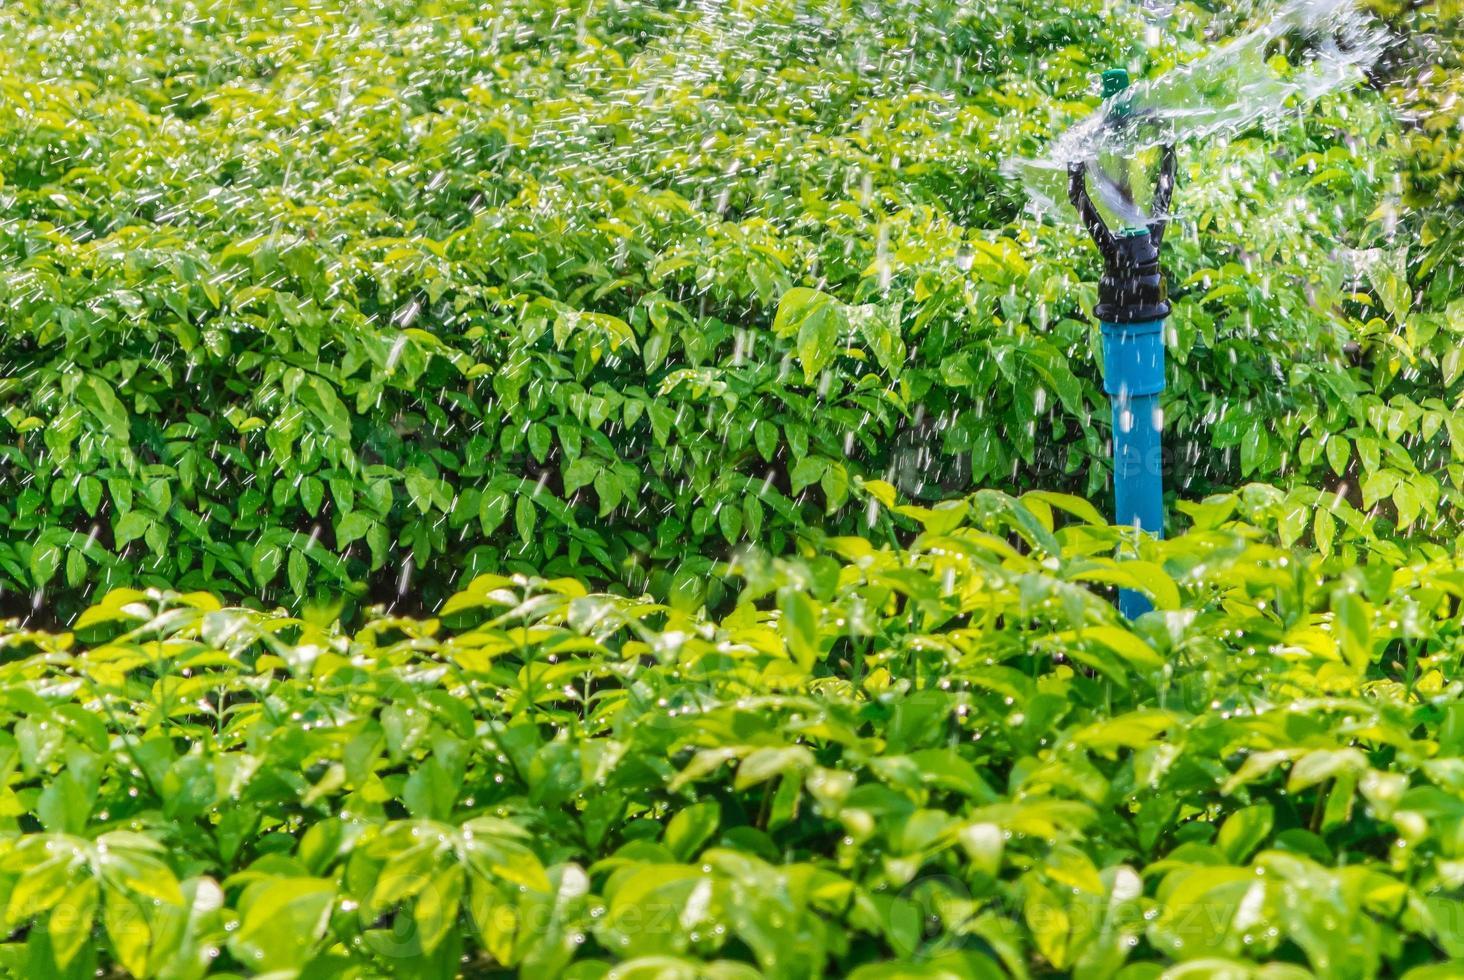 irrigazione della testa dell'irrigatore. foto